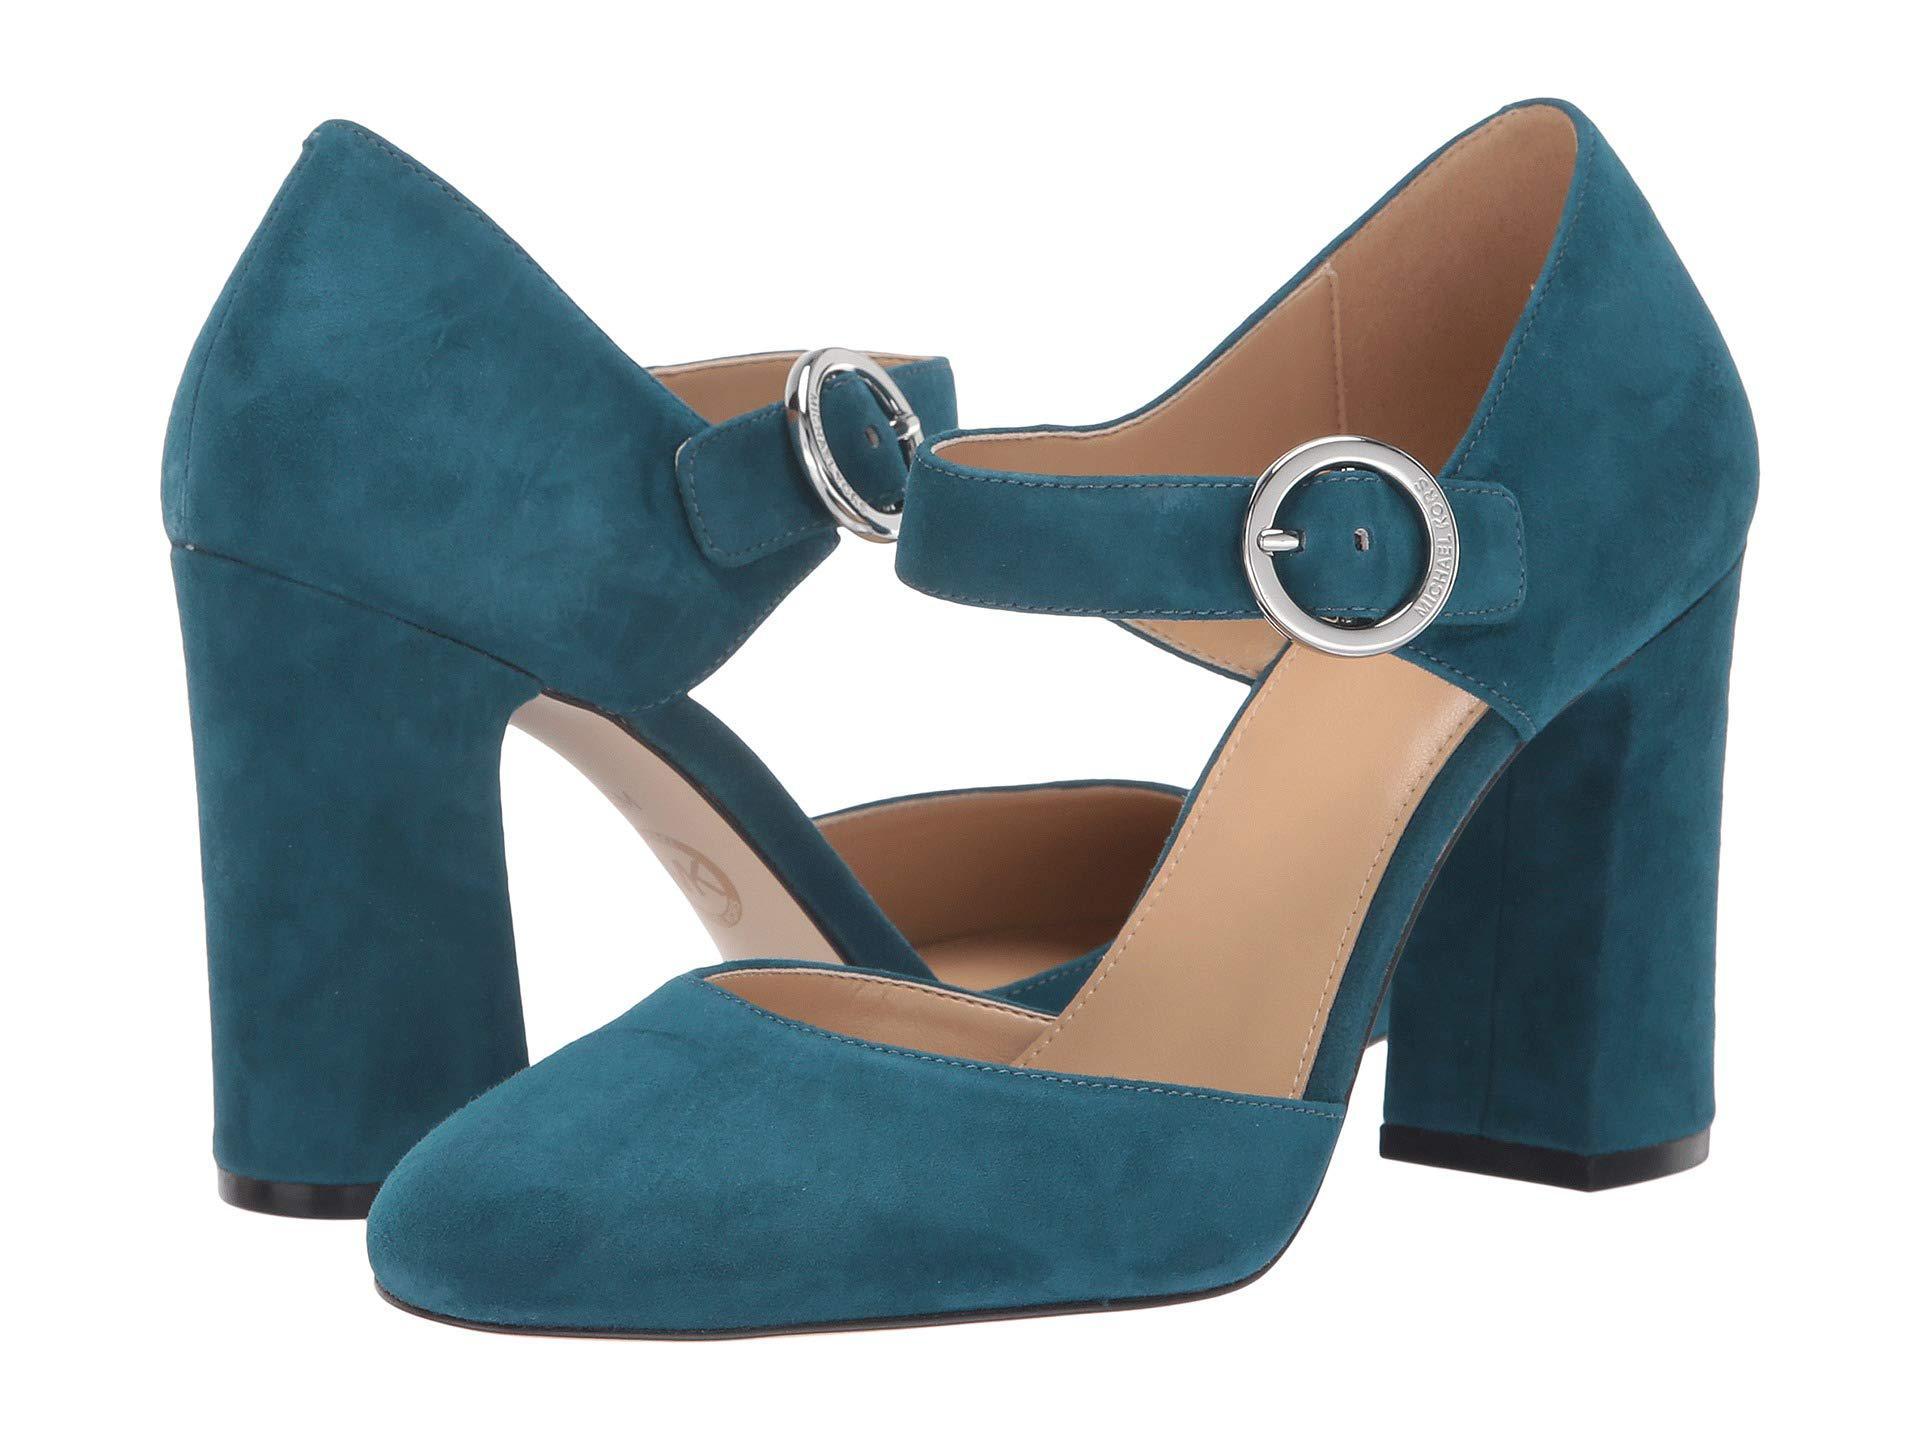 65bae4434e14 Lyst - MICHAEL Michael Kors Alana Closed Toe in Blue